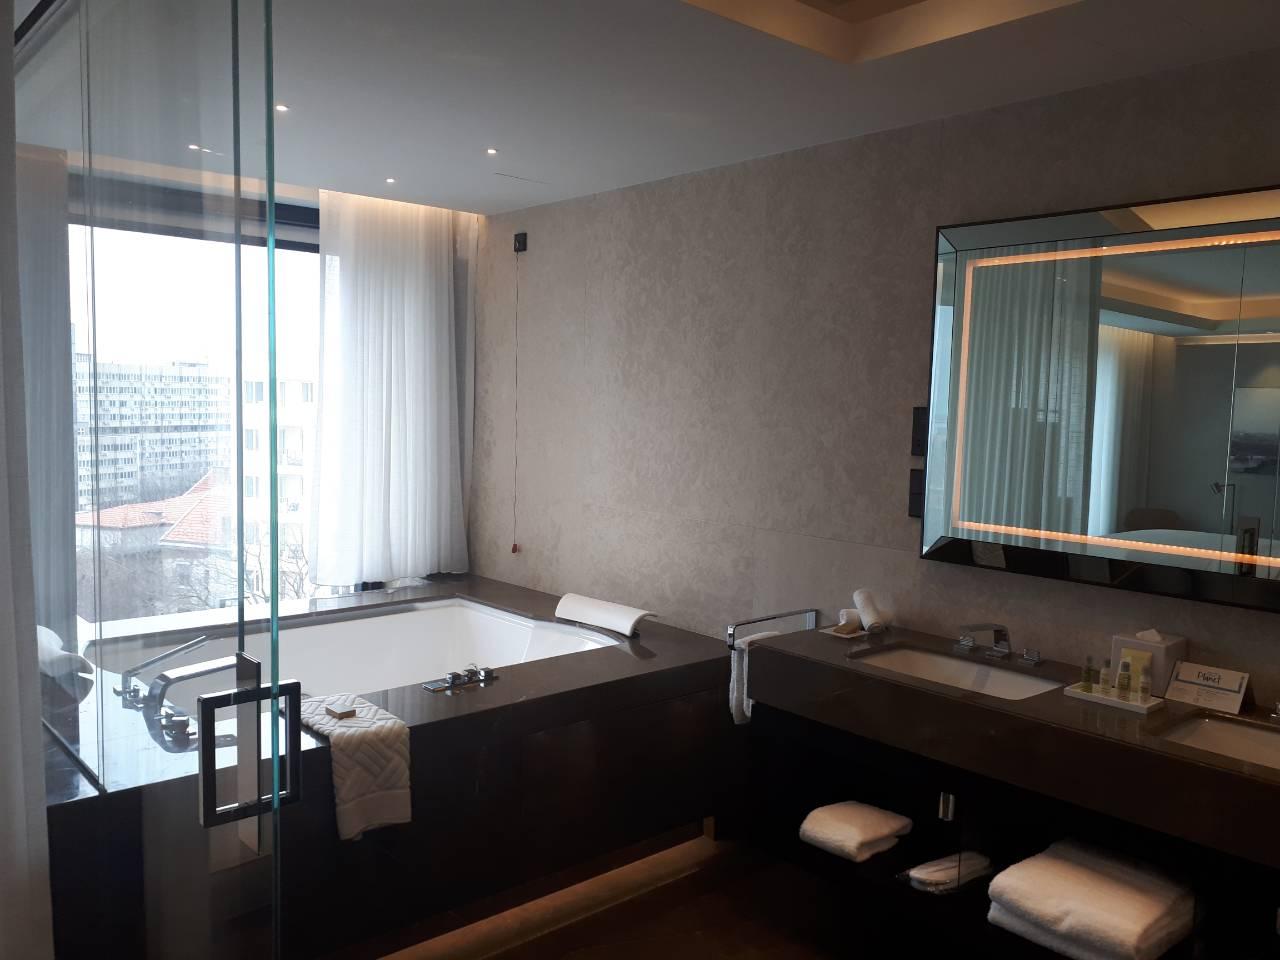 Hotel Hilton prezentacija